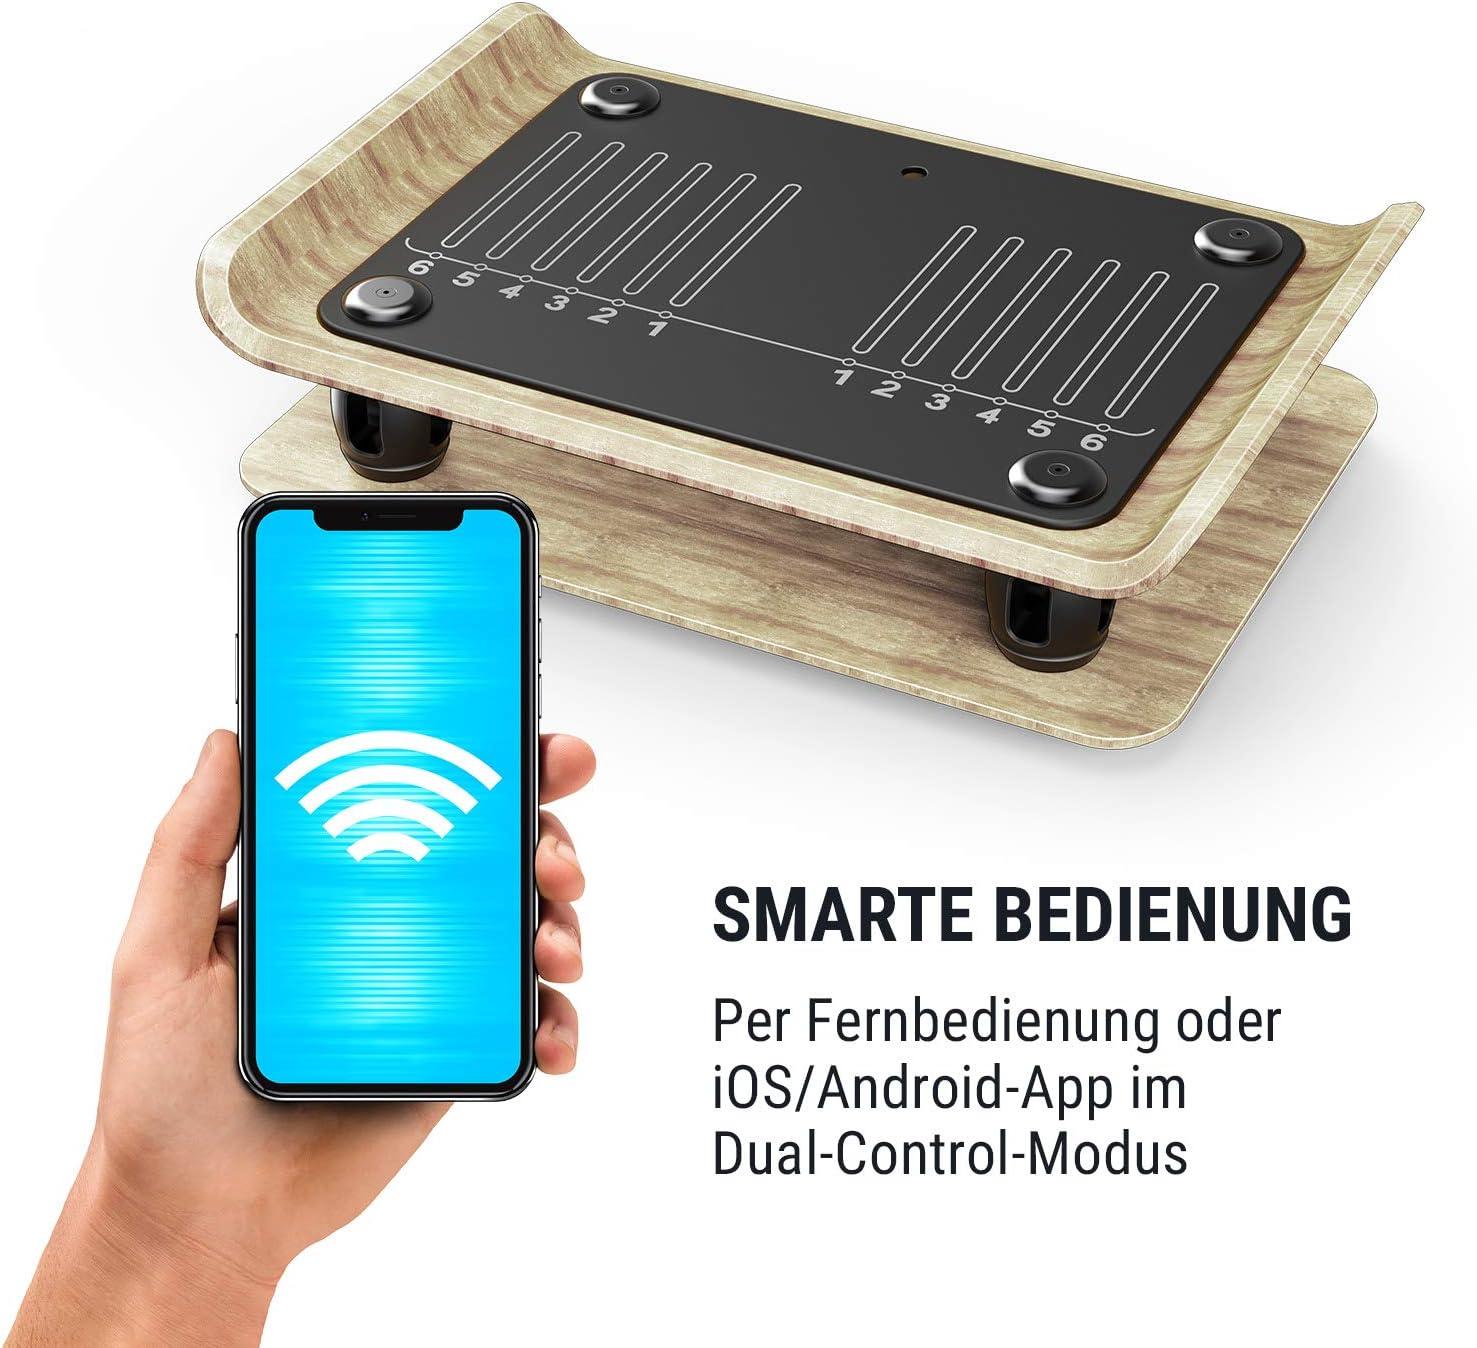 Klarfit Roomik Shake Vibrationsplatte Vibrationstrainer Ganzk/örper Trainingsger/ät schwarz-braun 15-55 Hz - Variabler Schwierigkeitsgrad, Kompaktbauweise, zertifizierte Birke, inkl. Fernbedienung